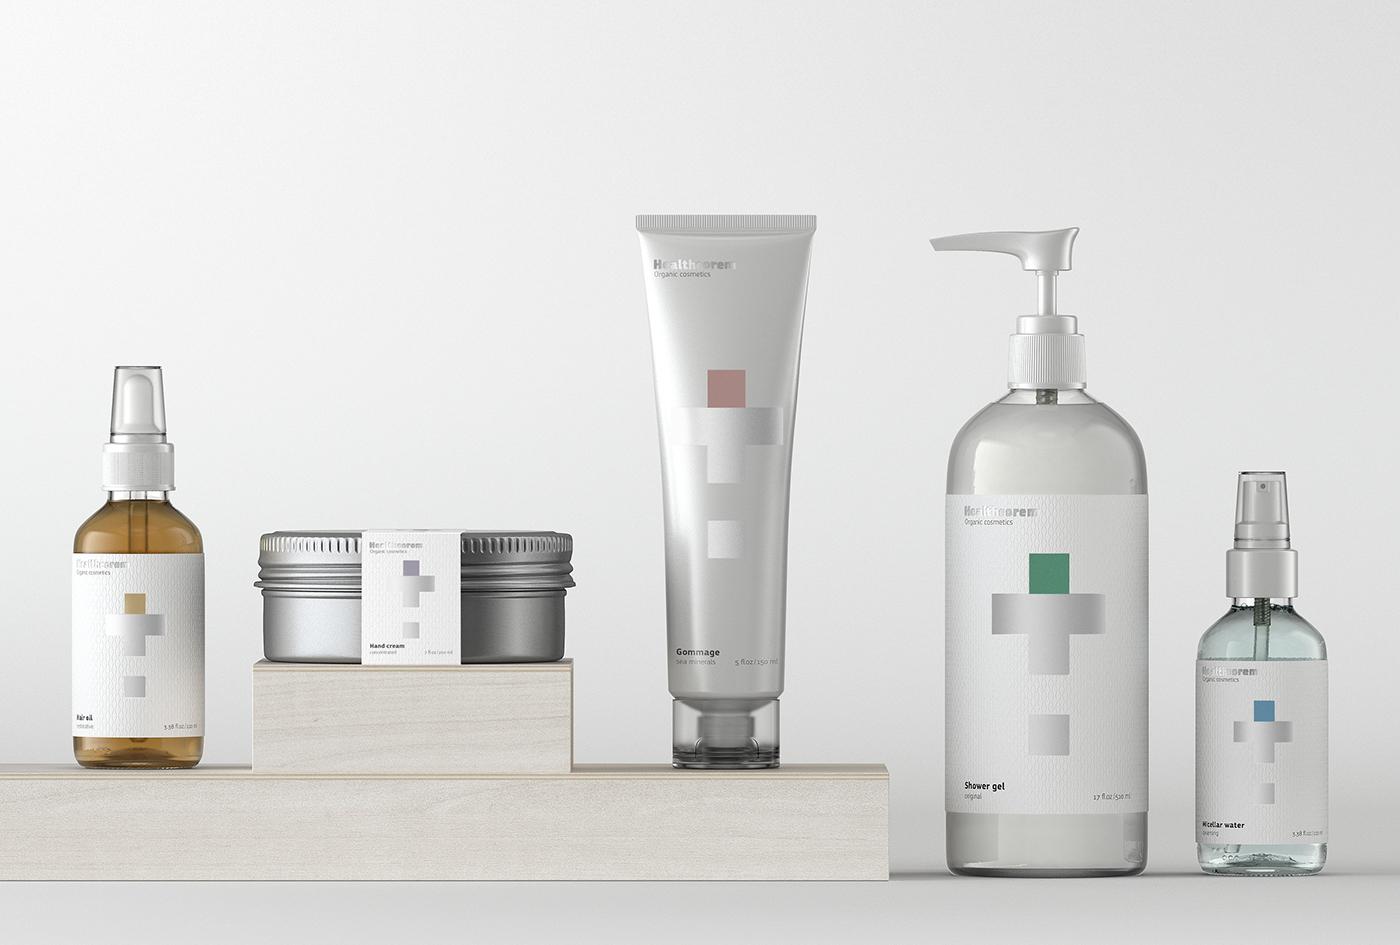 優質的32款健康產品包裝設計欣賞